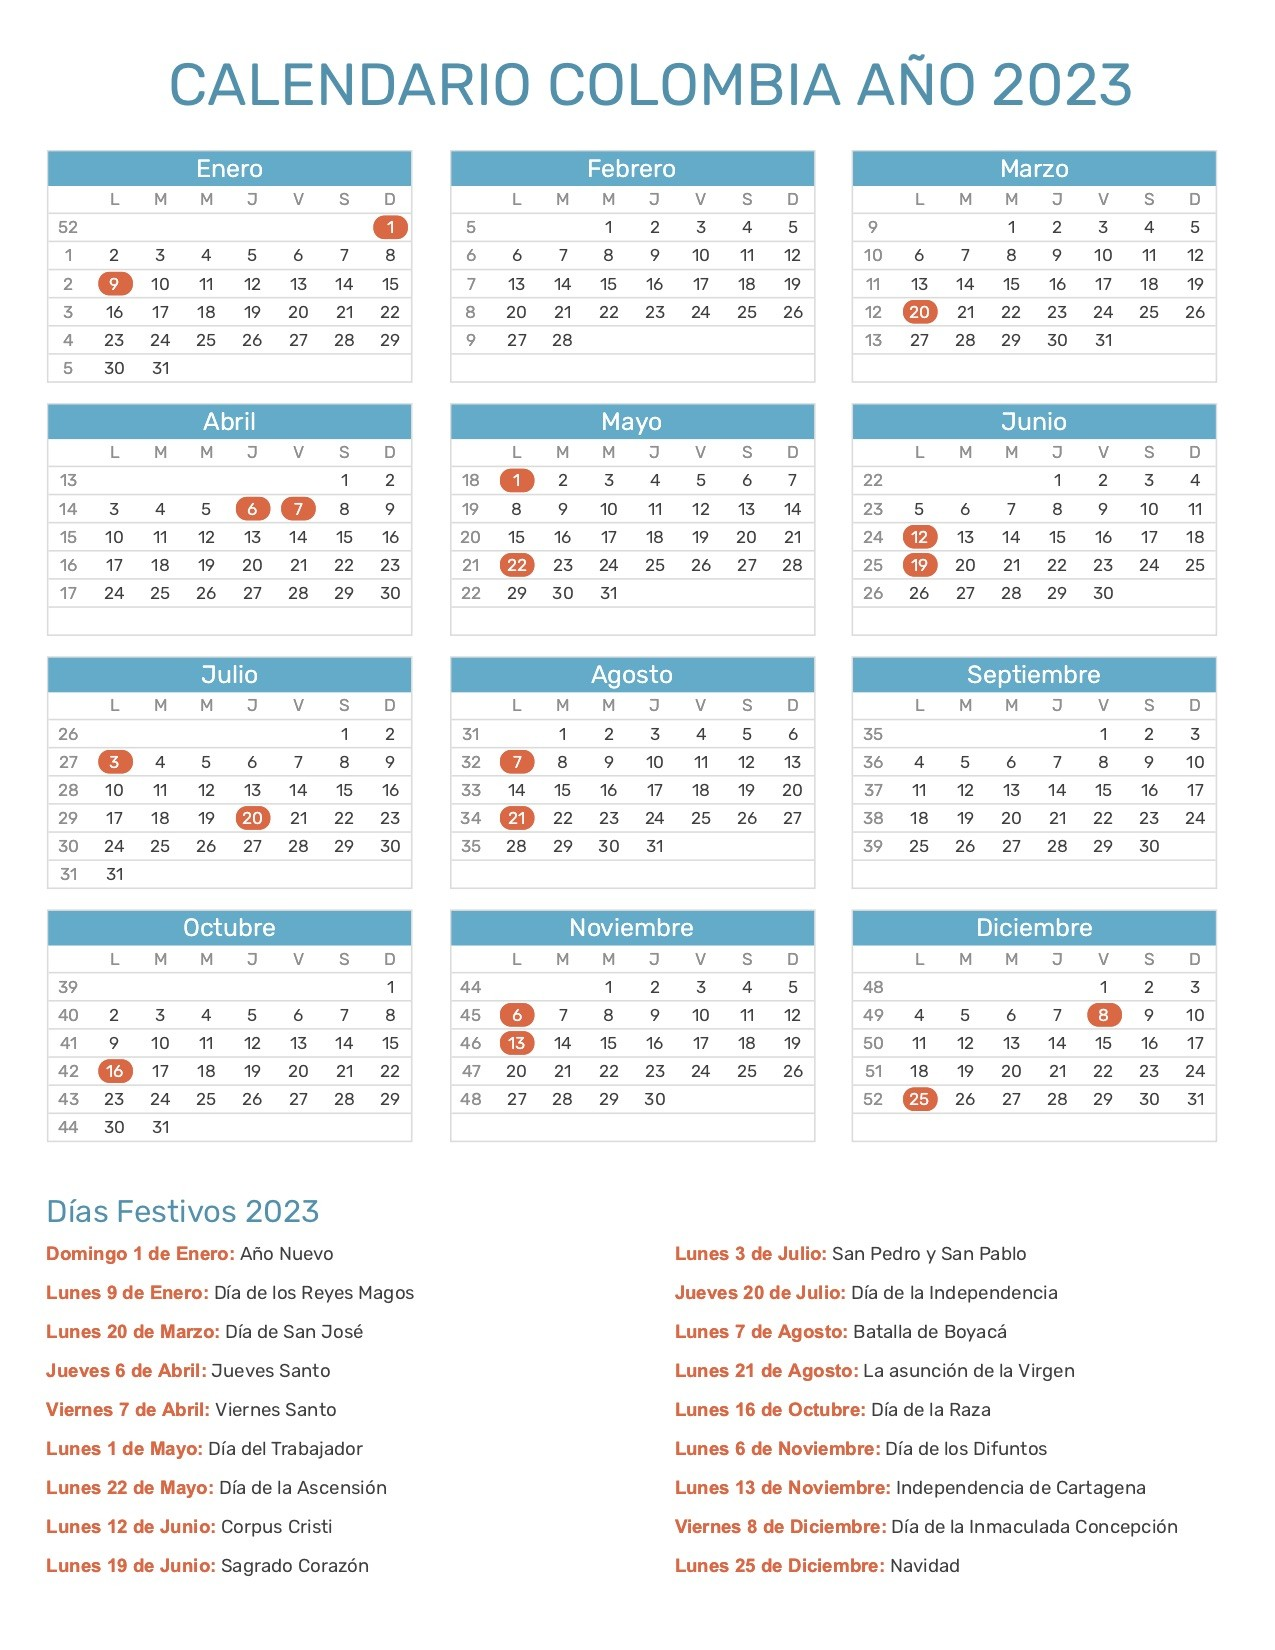 calendario colombia 2023